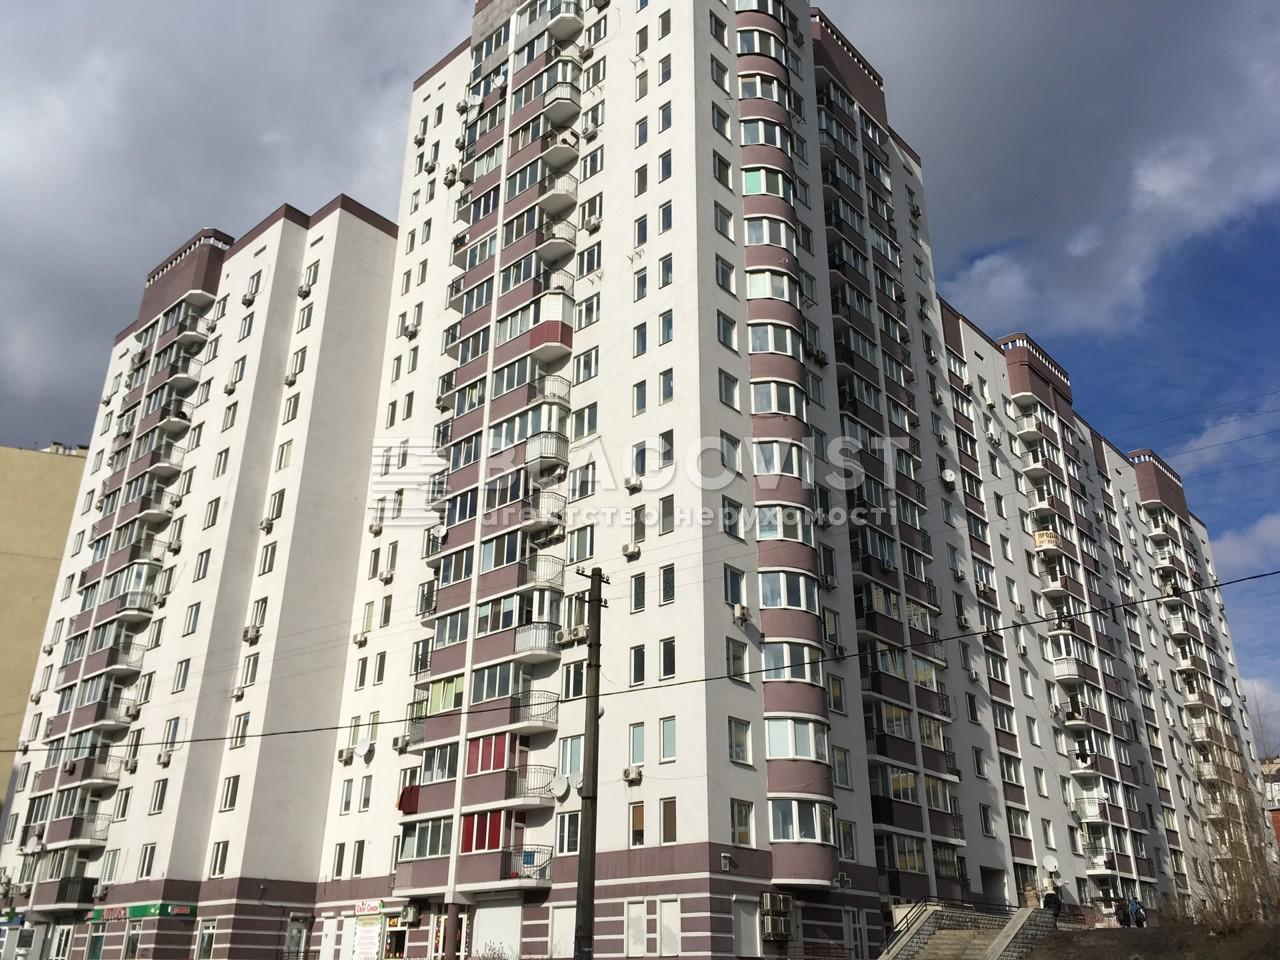 Квартира C-93662, Харьковское шоссе, 58б, Киев - Фото 2